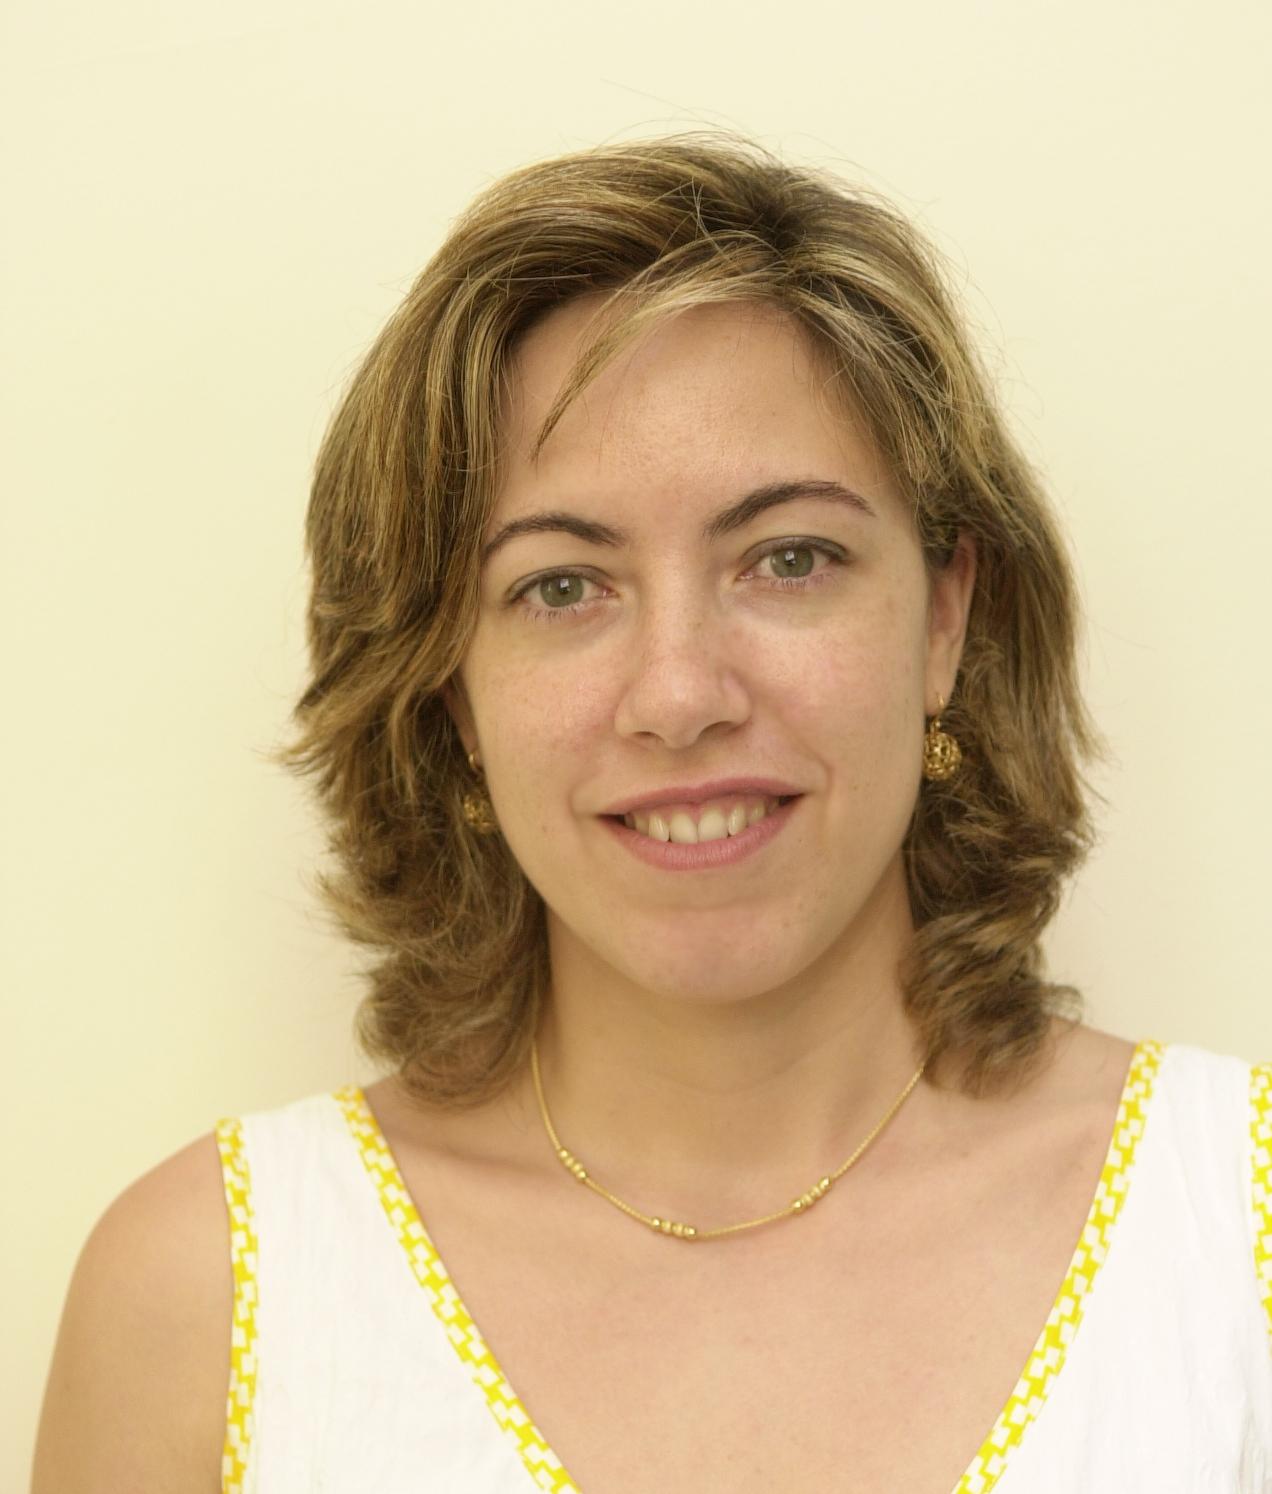 Barco Moreno, Raquel